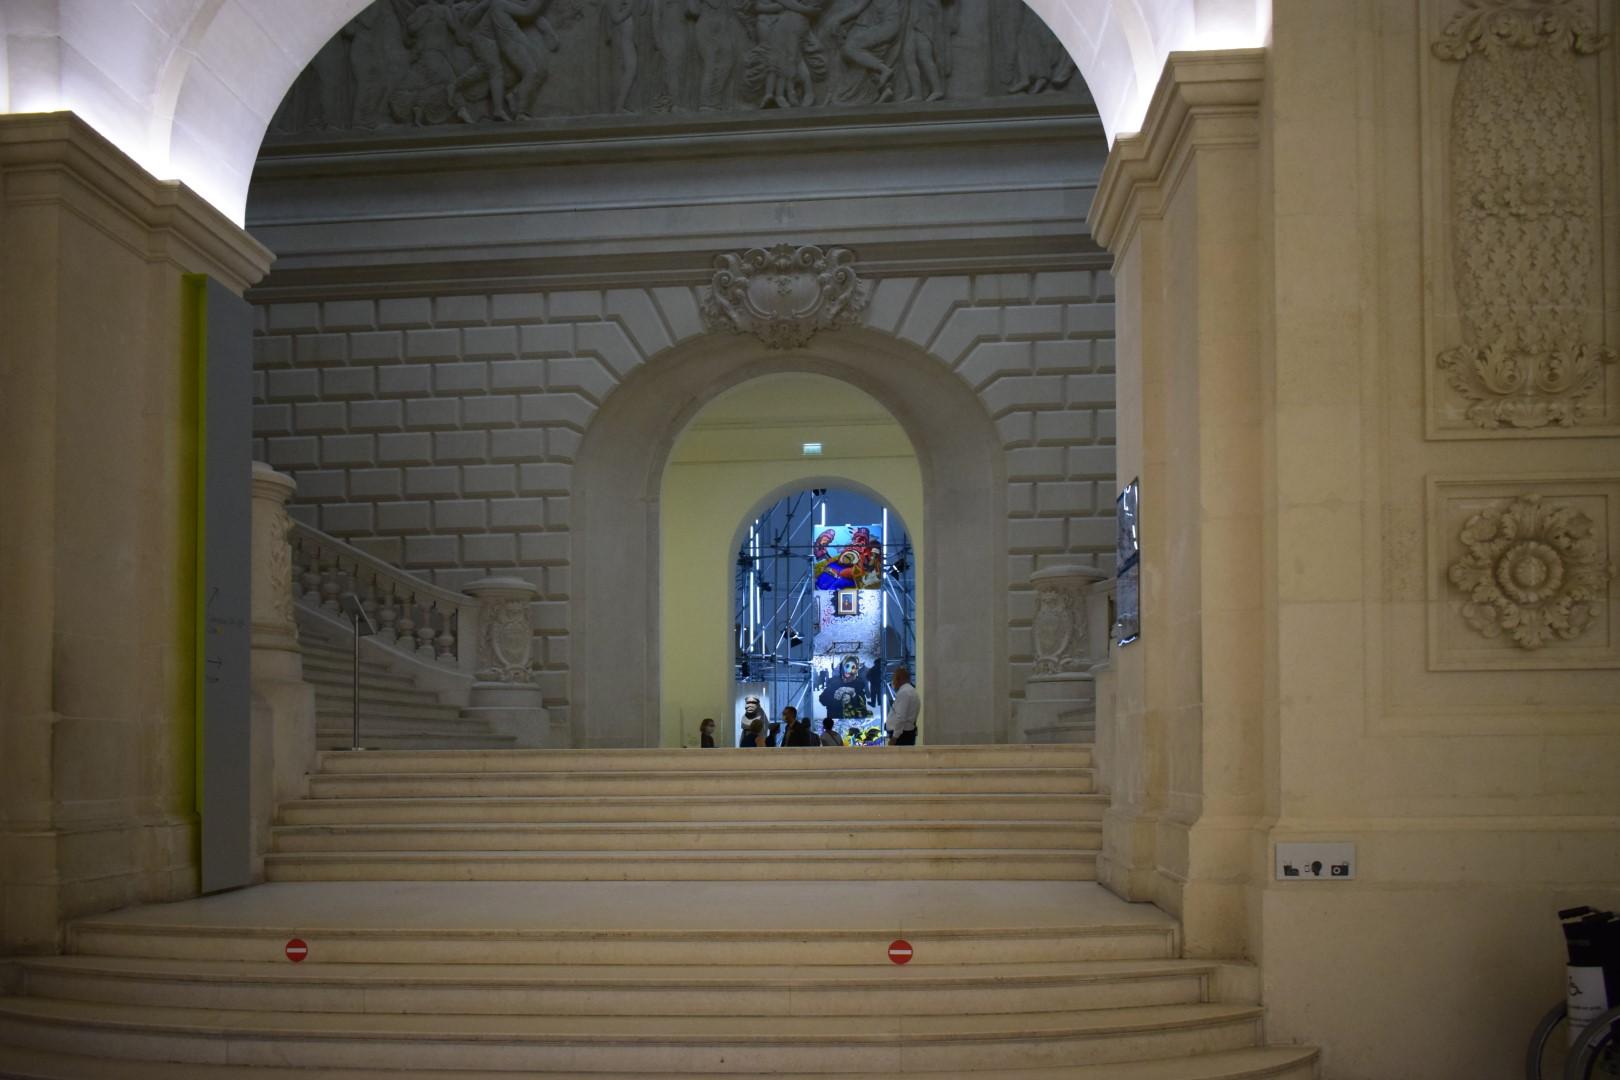 Musée d'arts de Nantes, 10 Rue Georges Clemenceau